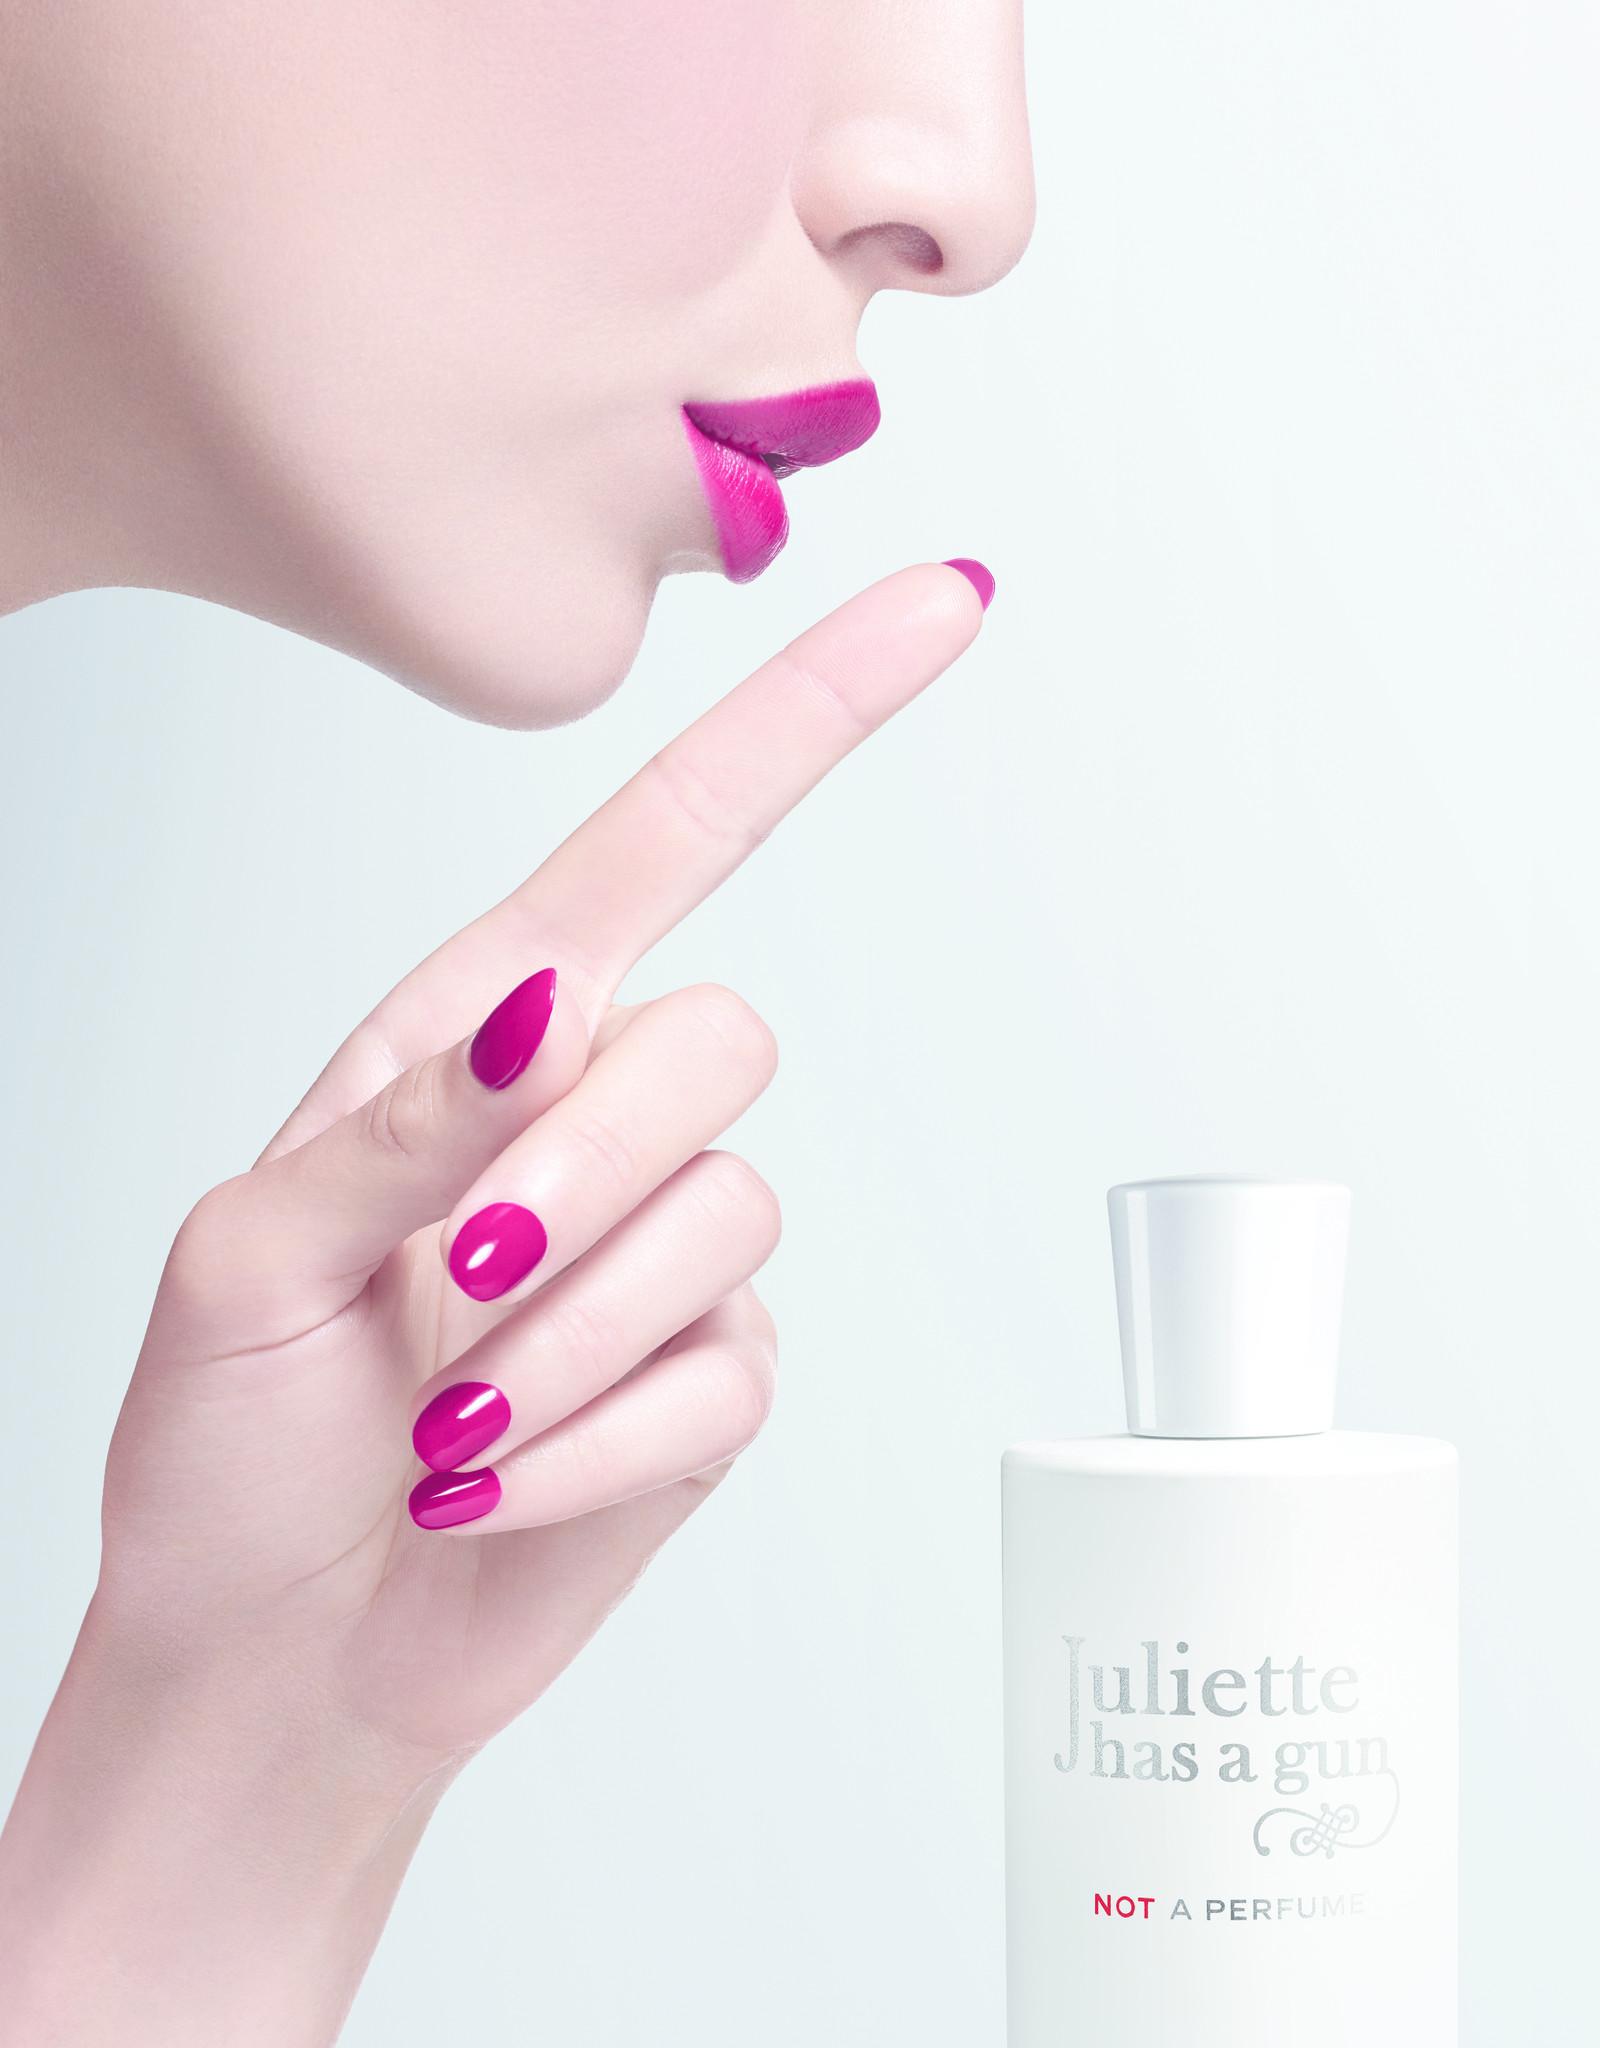 Juliette has a gun Juliette has a gun - Not a perfume 50ml